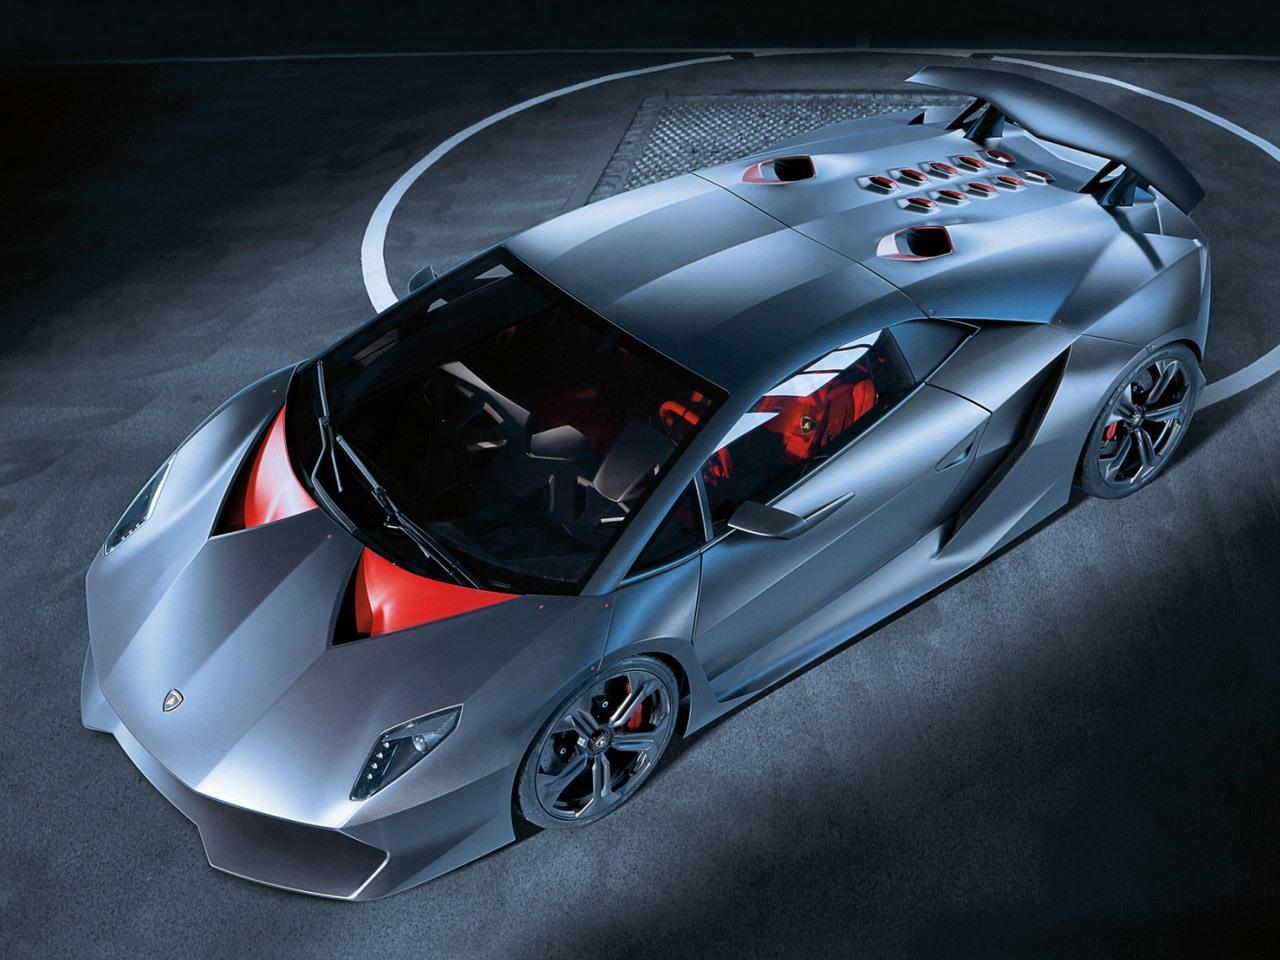 Lamborghini-Sesto-Elemento-Concept-2010-Photo-04